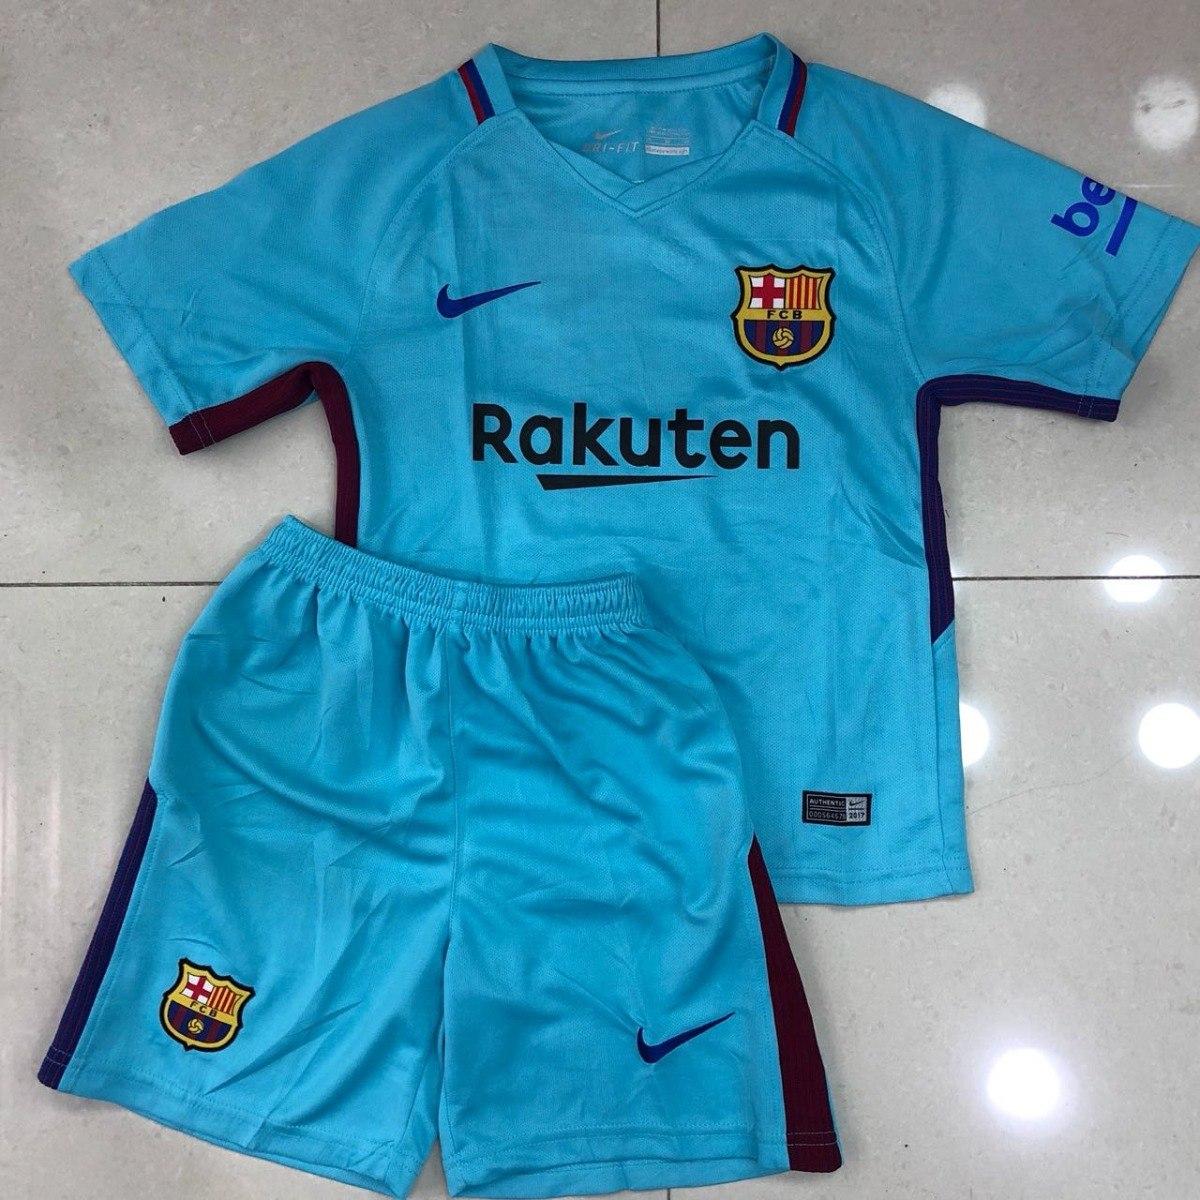 uniforme infantil camisa e shorts barcelona 2017 oficial. Carregando zoom. a97a9e88eaf